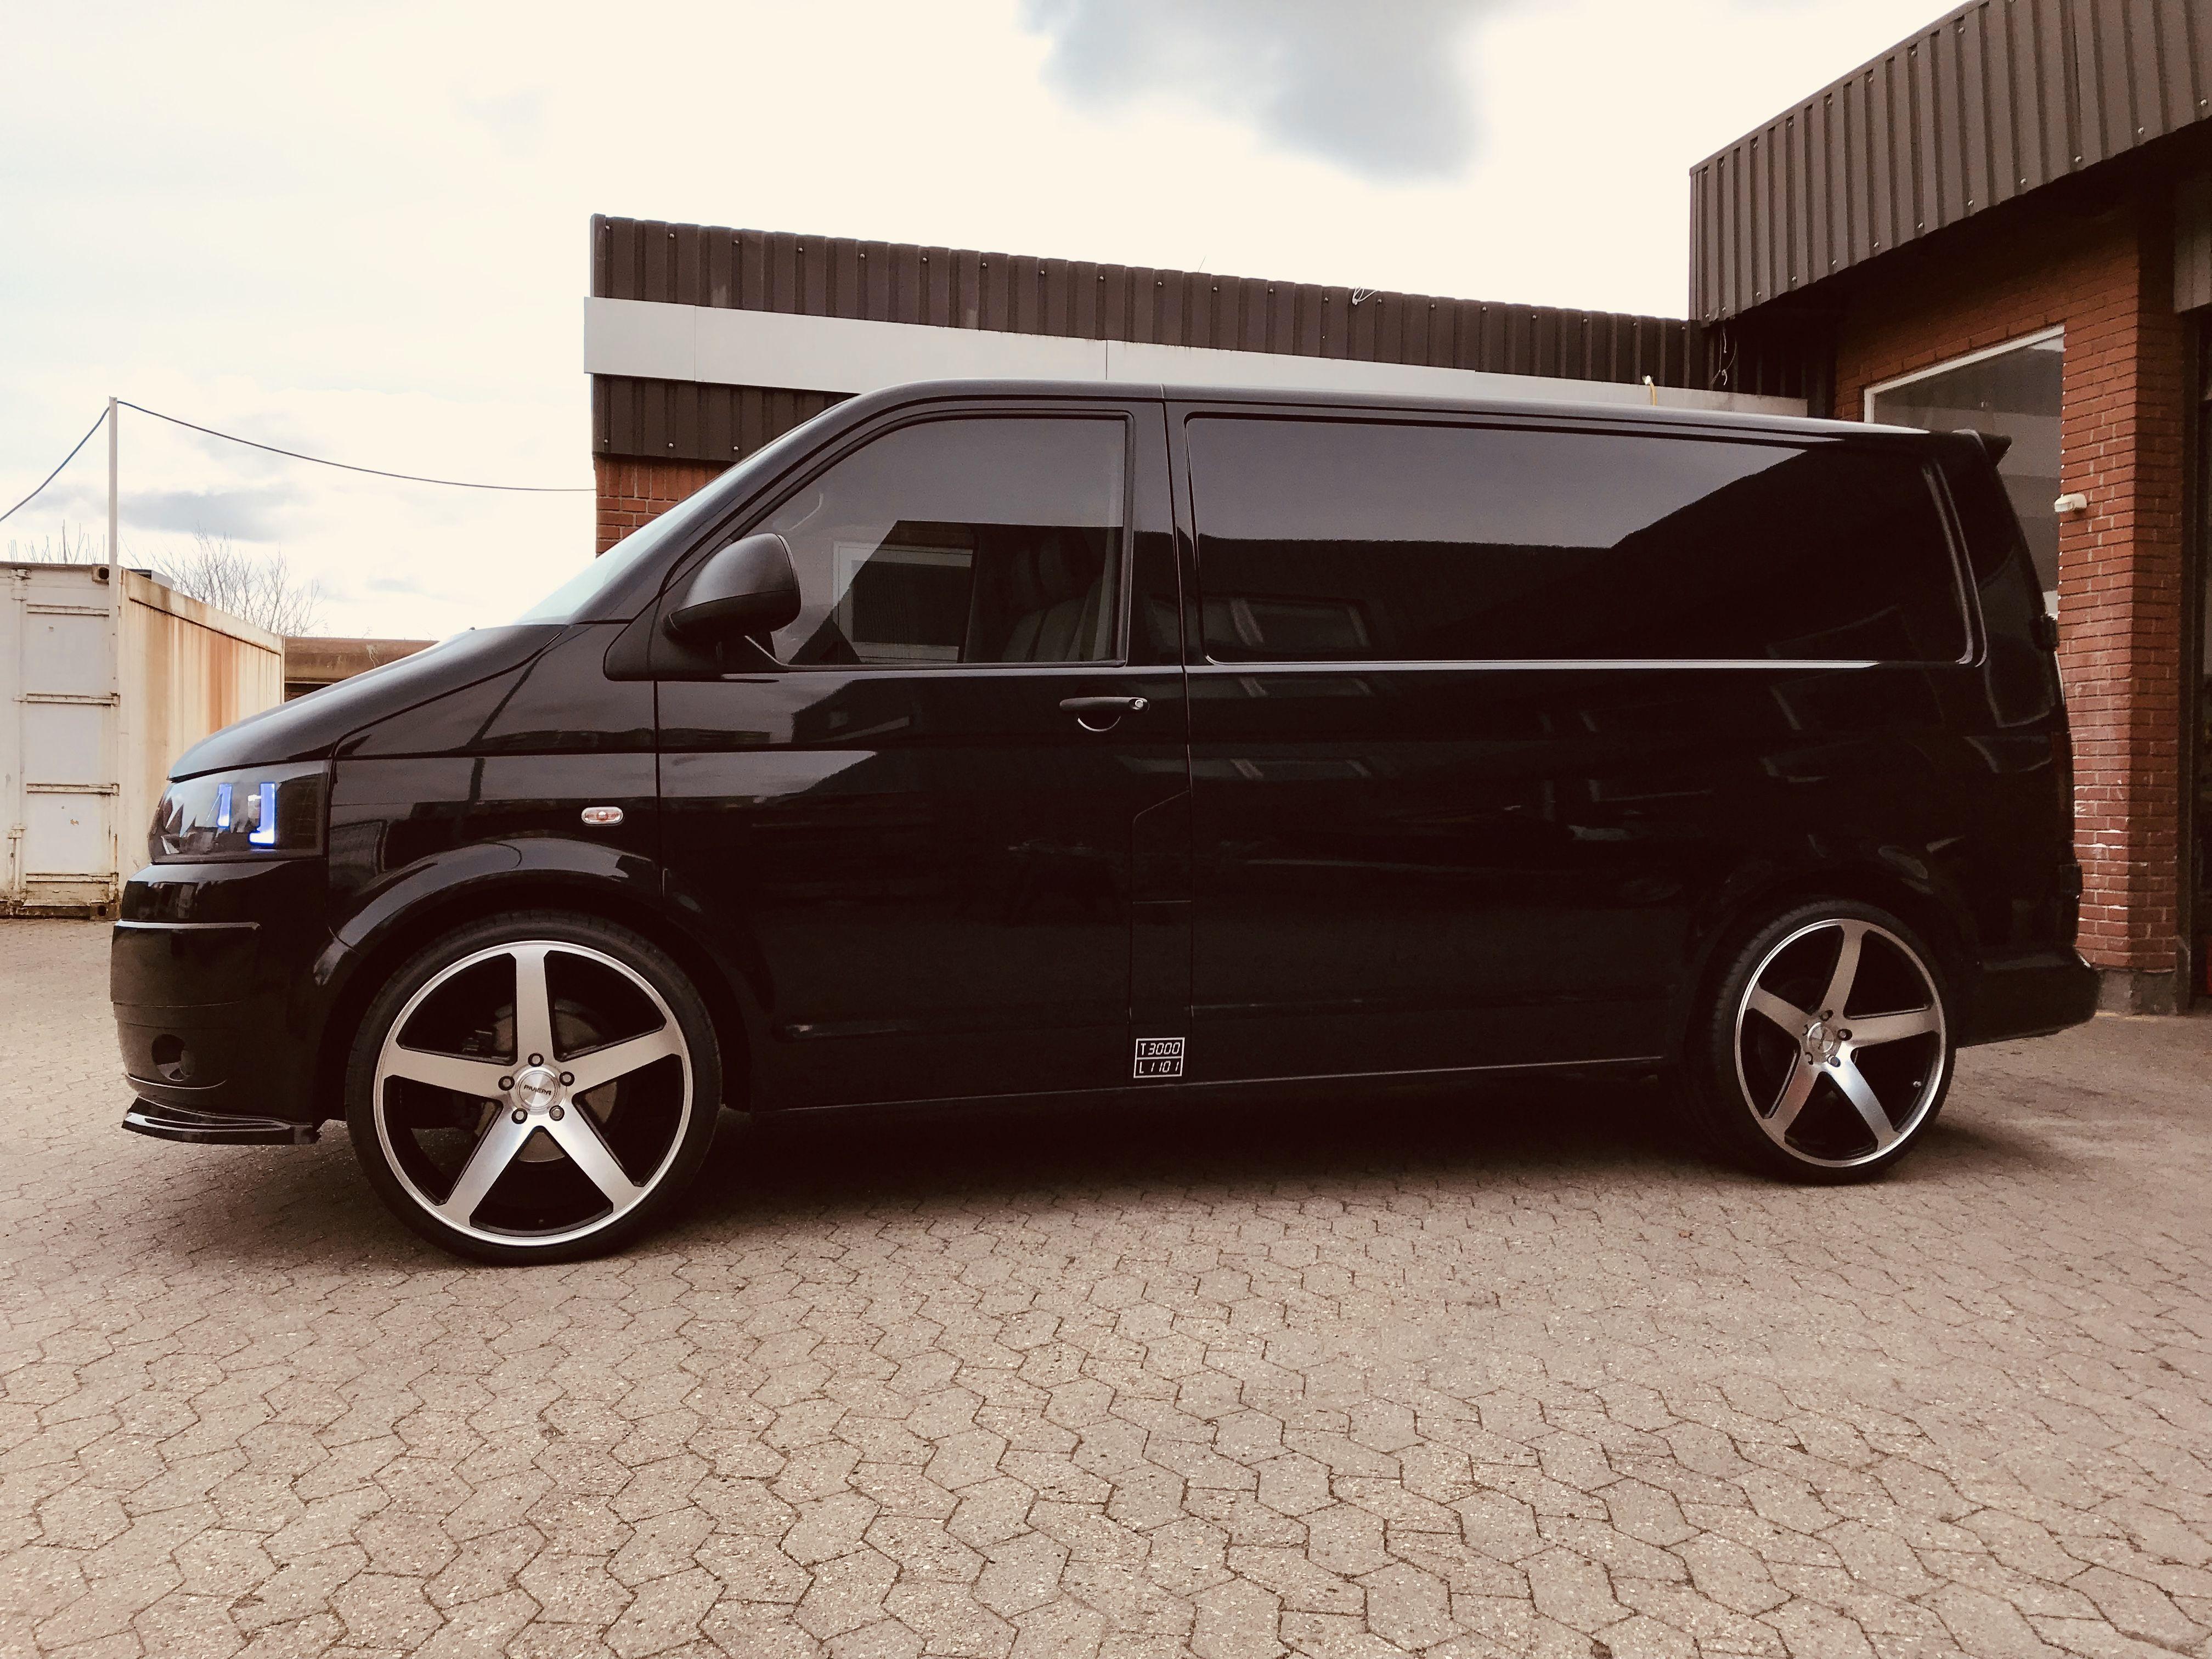 """Fonkelnieuw VW #T5 #styling #black #22"""" #wheels #Alloys #Transporter #Ideas IJ-72"""